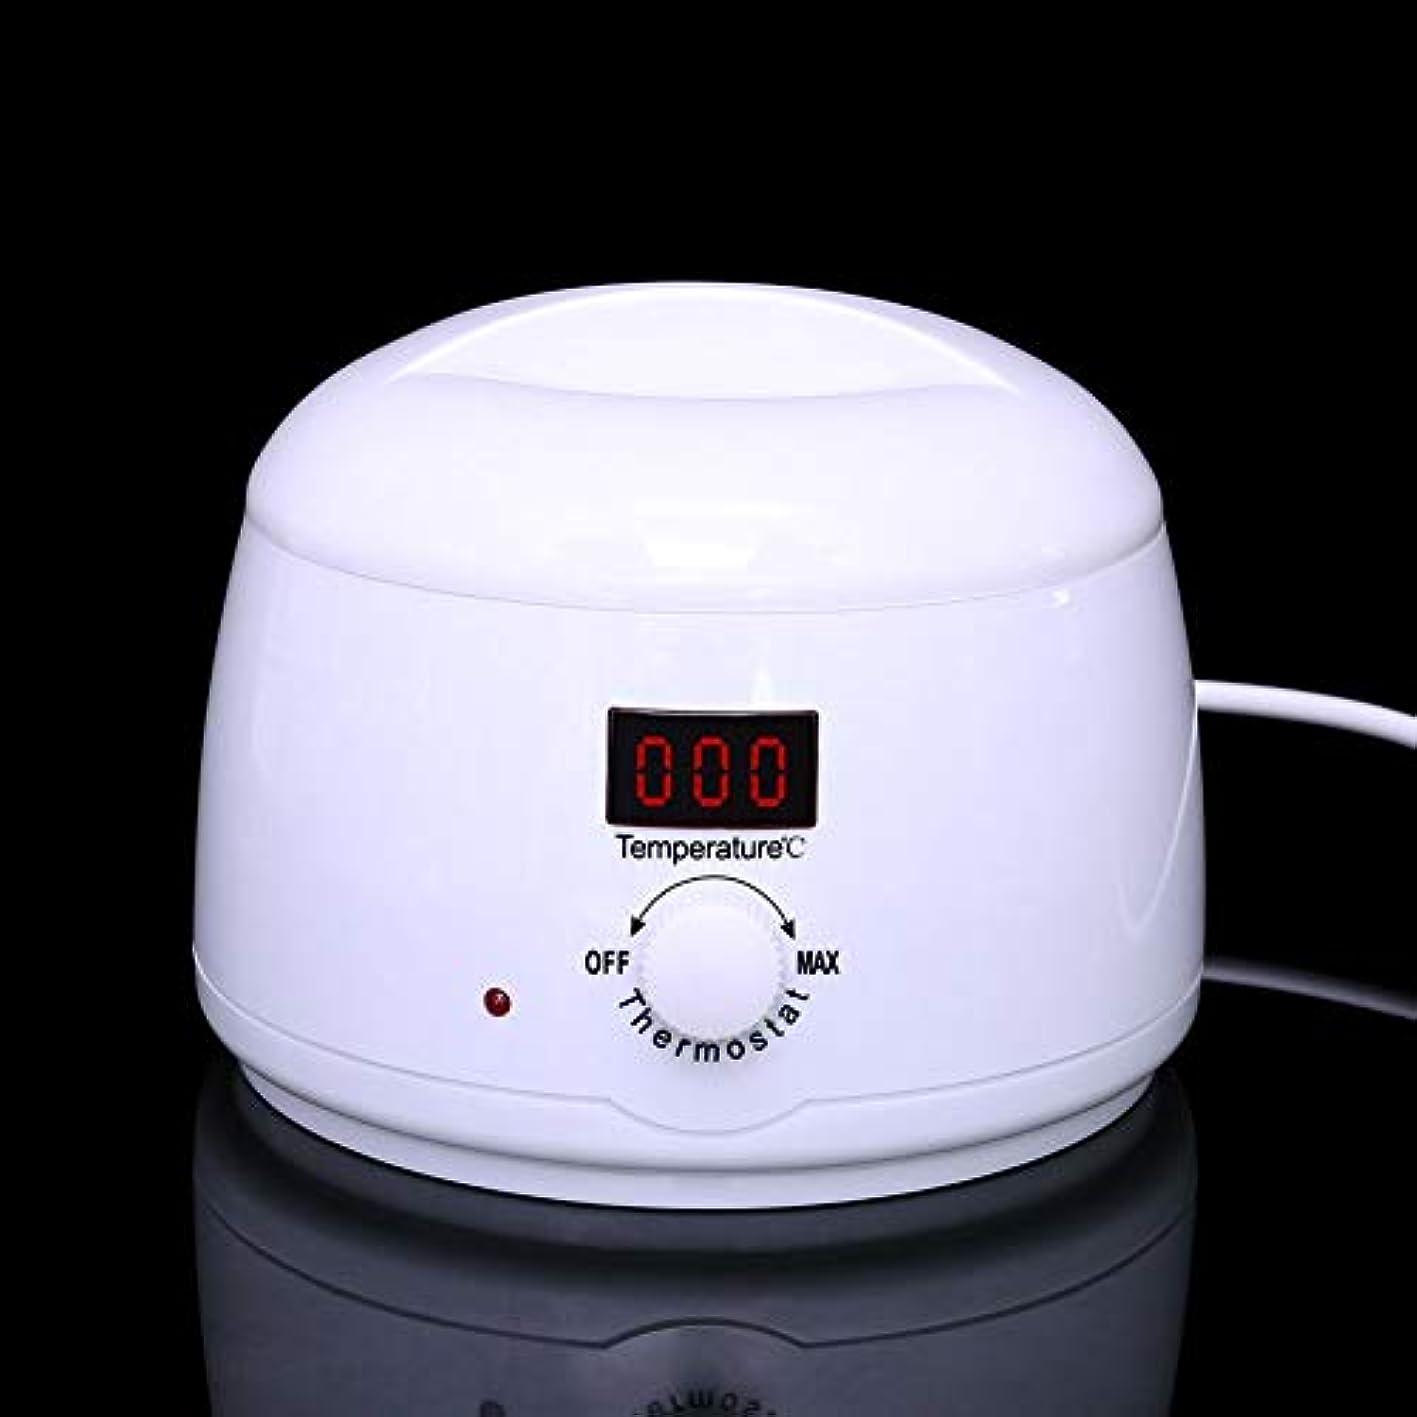 小競り合い群れ味付け調節可能な温度のワックスマシン、女性および男性500CCのための多機能の家のワックスが付いている毛の取り外しのための専門の電気ワックスのウォーマーのヒーターのメルター